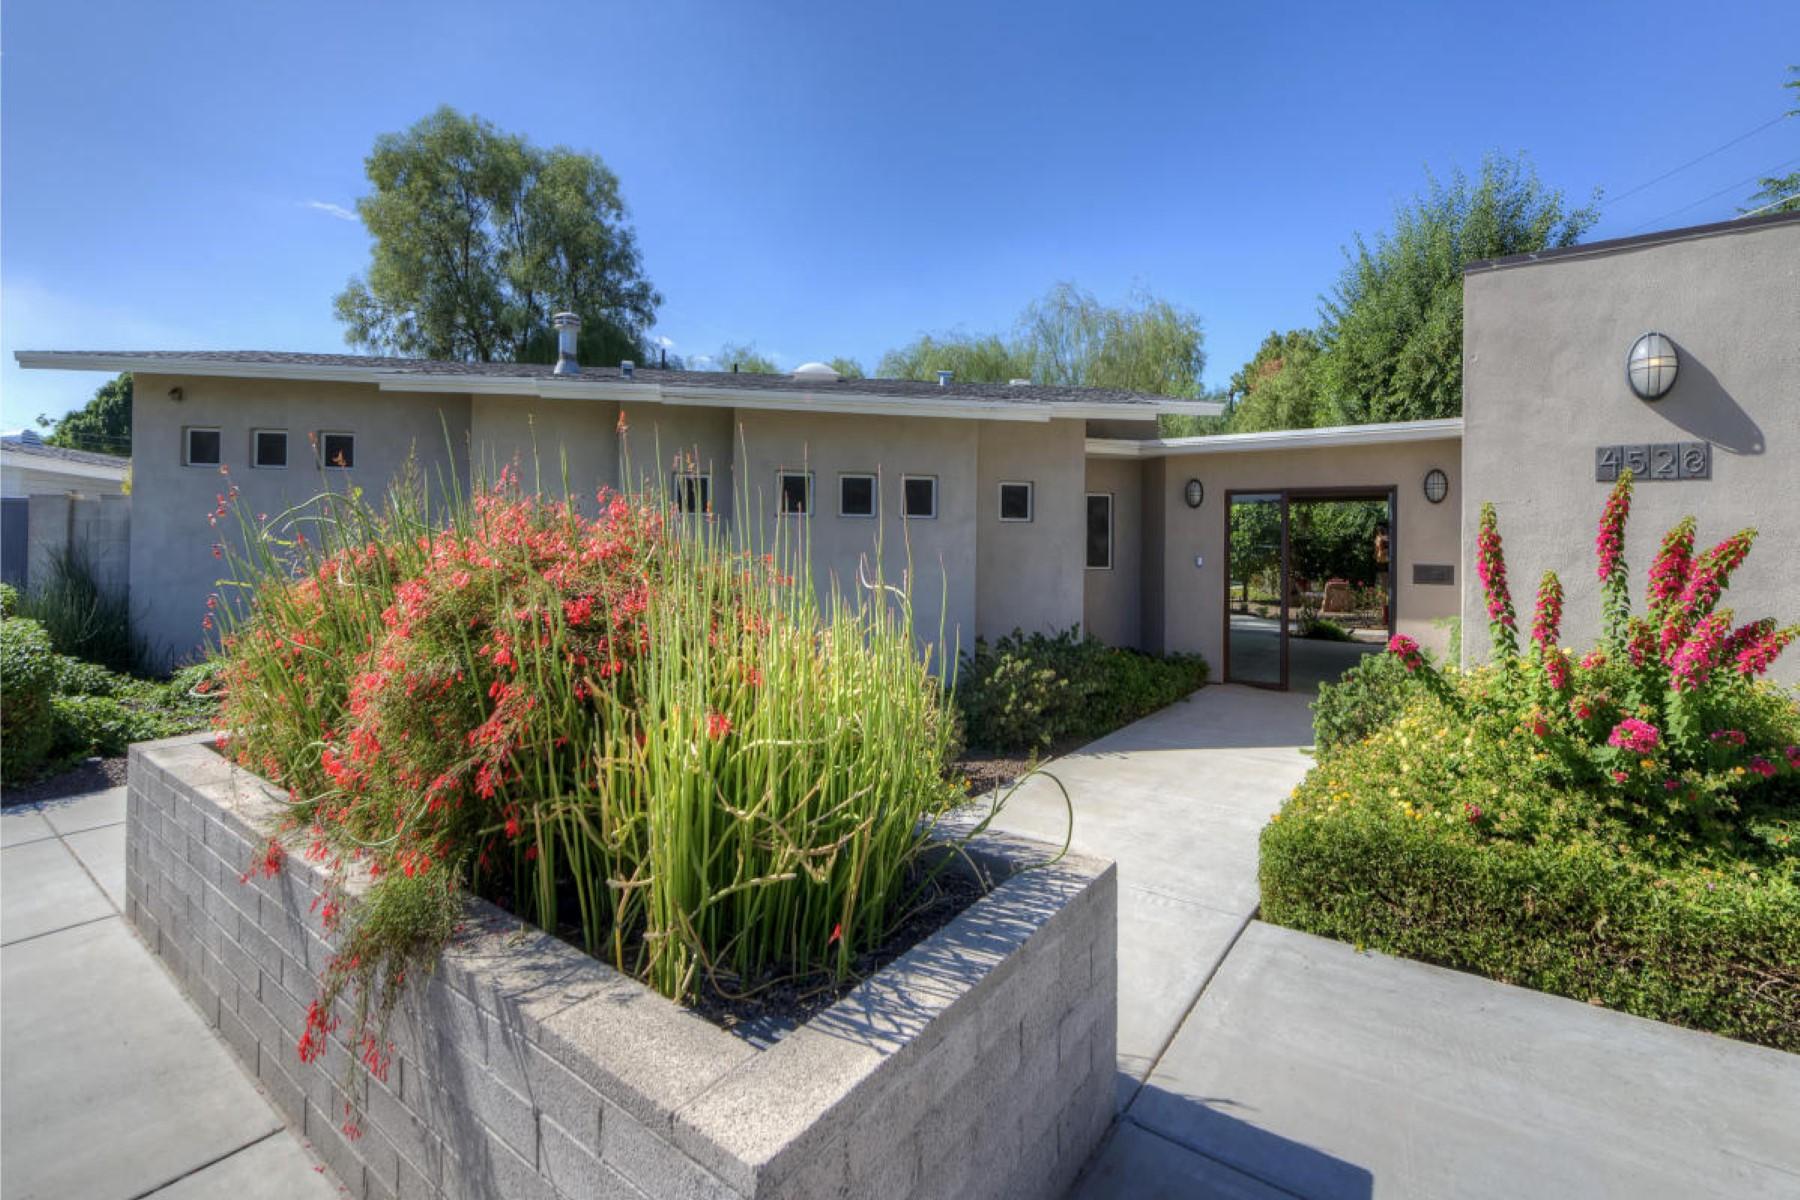 獨棟家庭住宅 為 出售 在 Unique Mid Century Modern residence 4528 N 40th Pl Phoenix, 亞利桑那州, 85018 美國